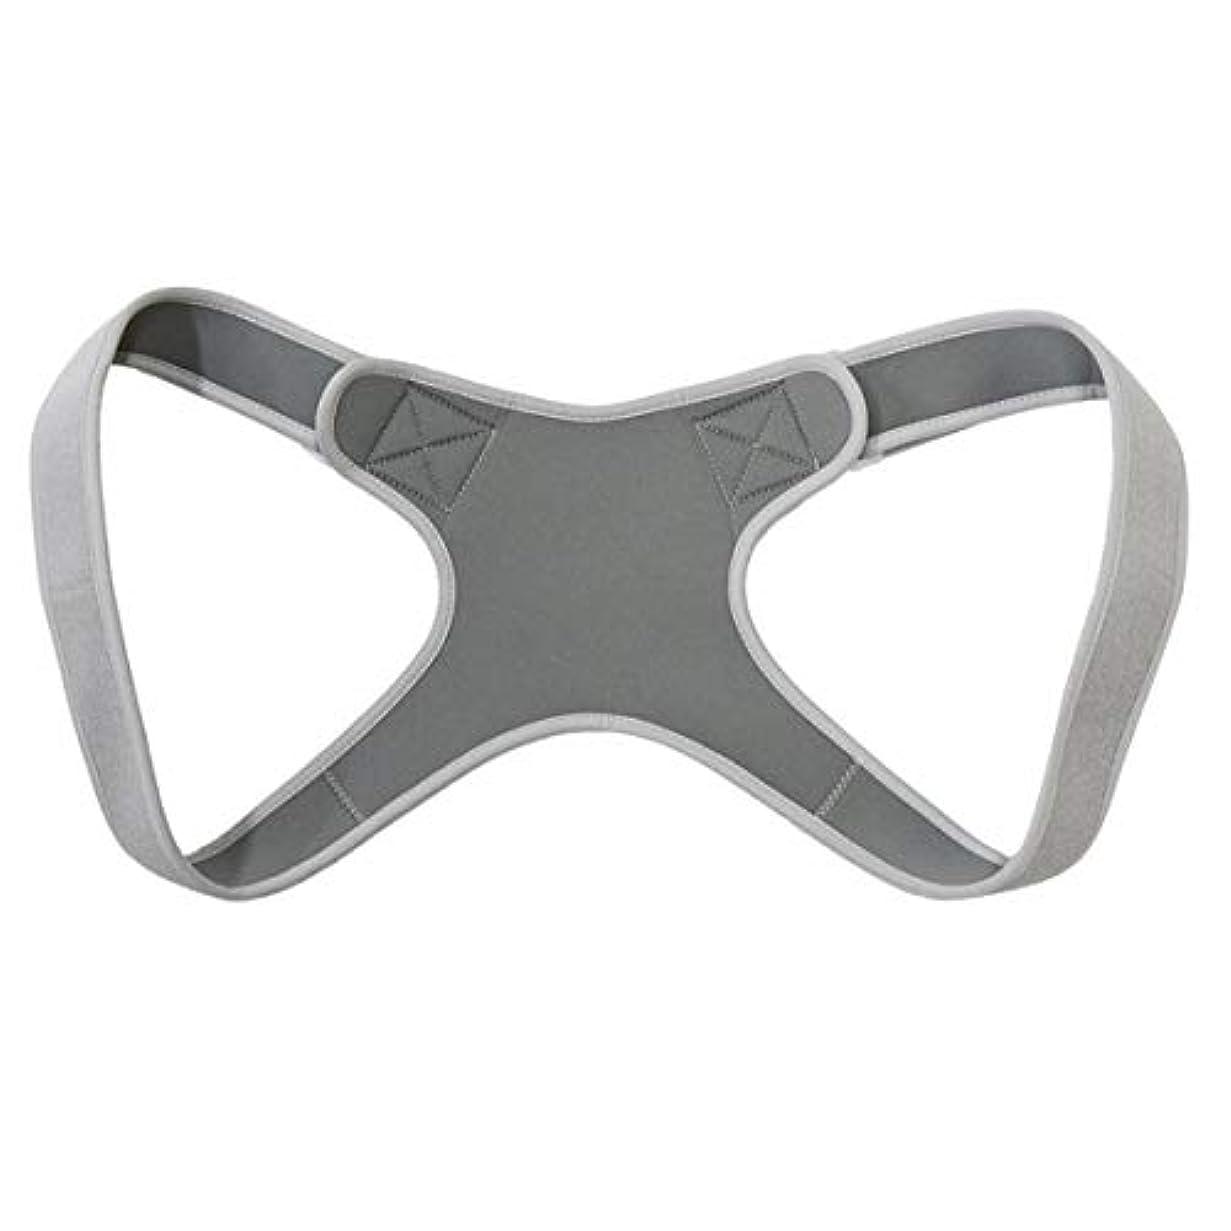 サーフィンリーガンストライプ新しいアッパーバックポスチャーコレクター姿勢鎖骨サポートコレクターバックストレートショルダーブレースストラップコレクター - グレー